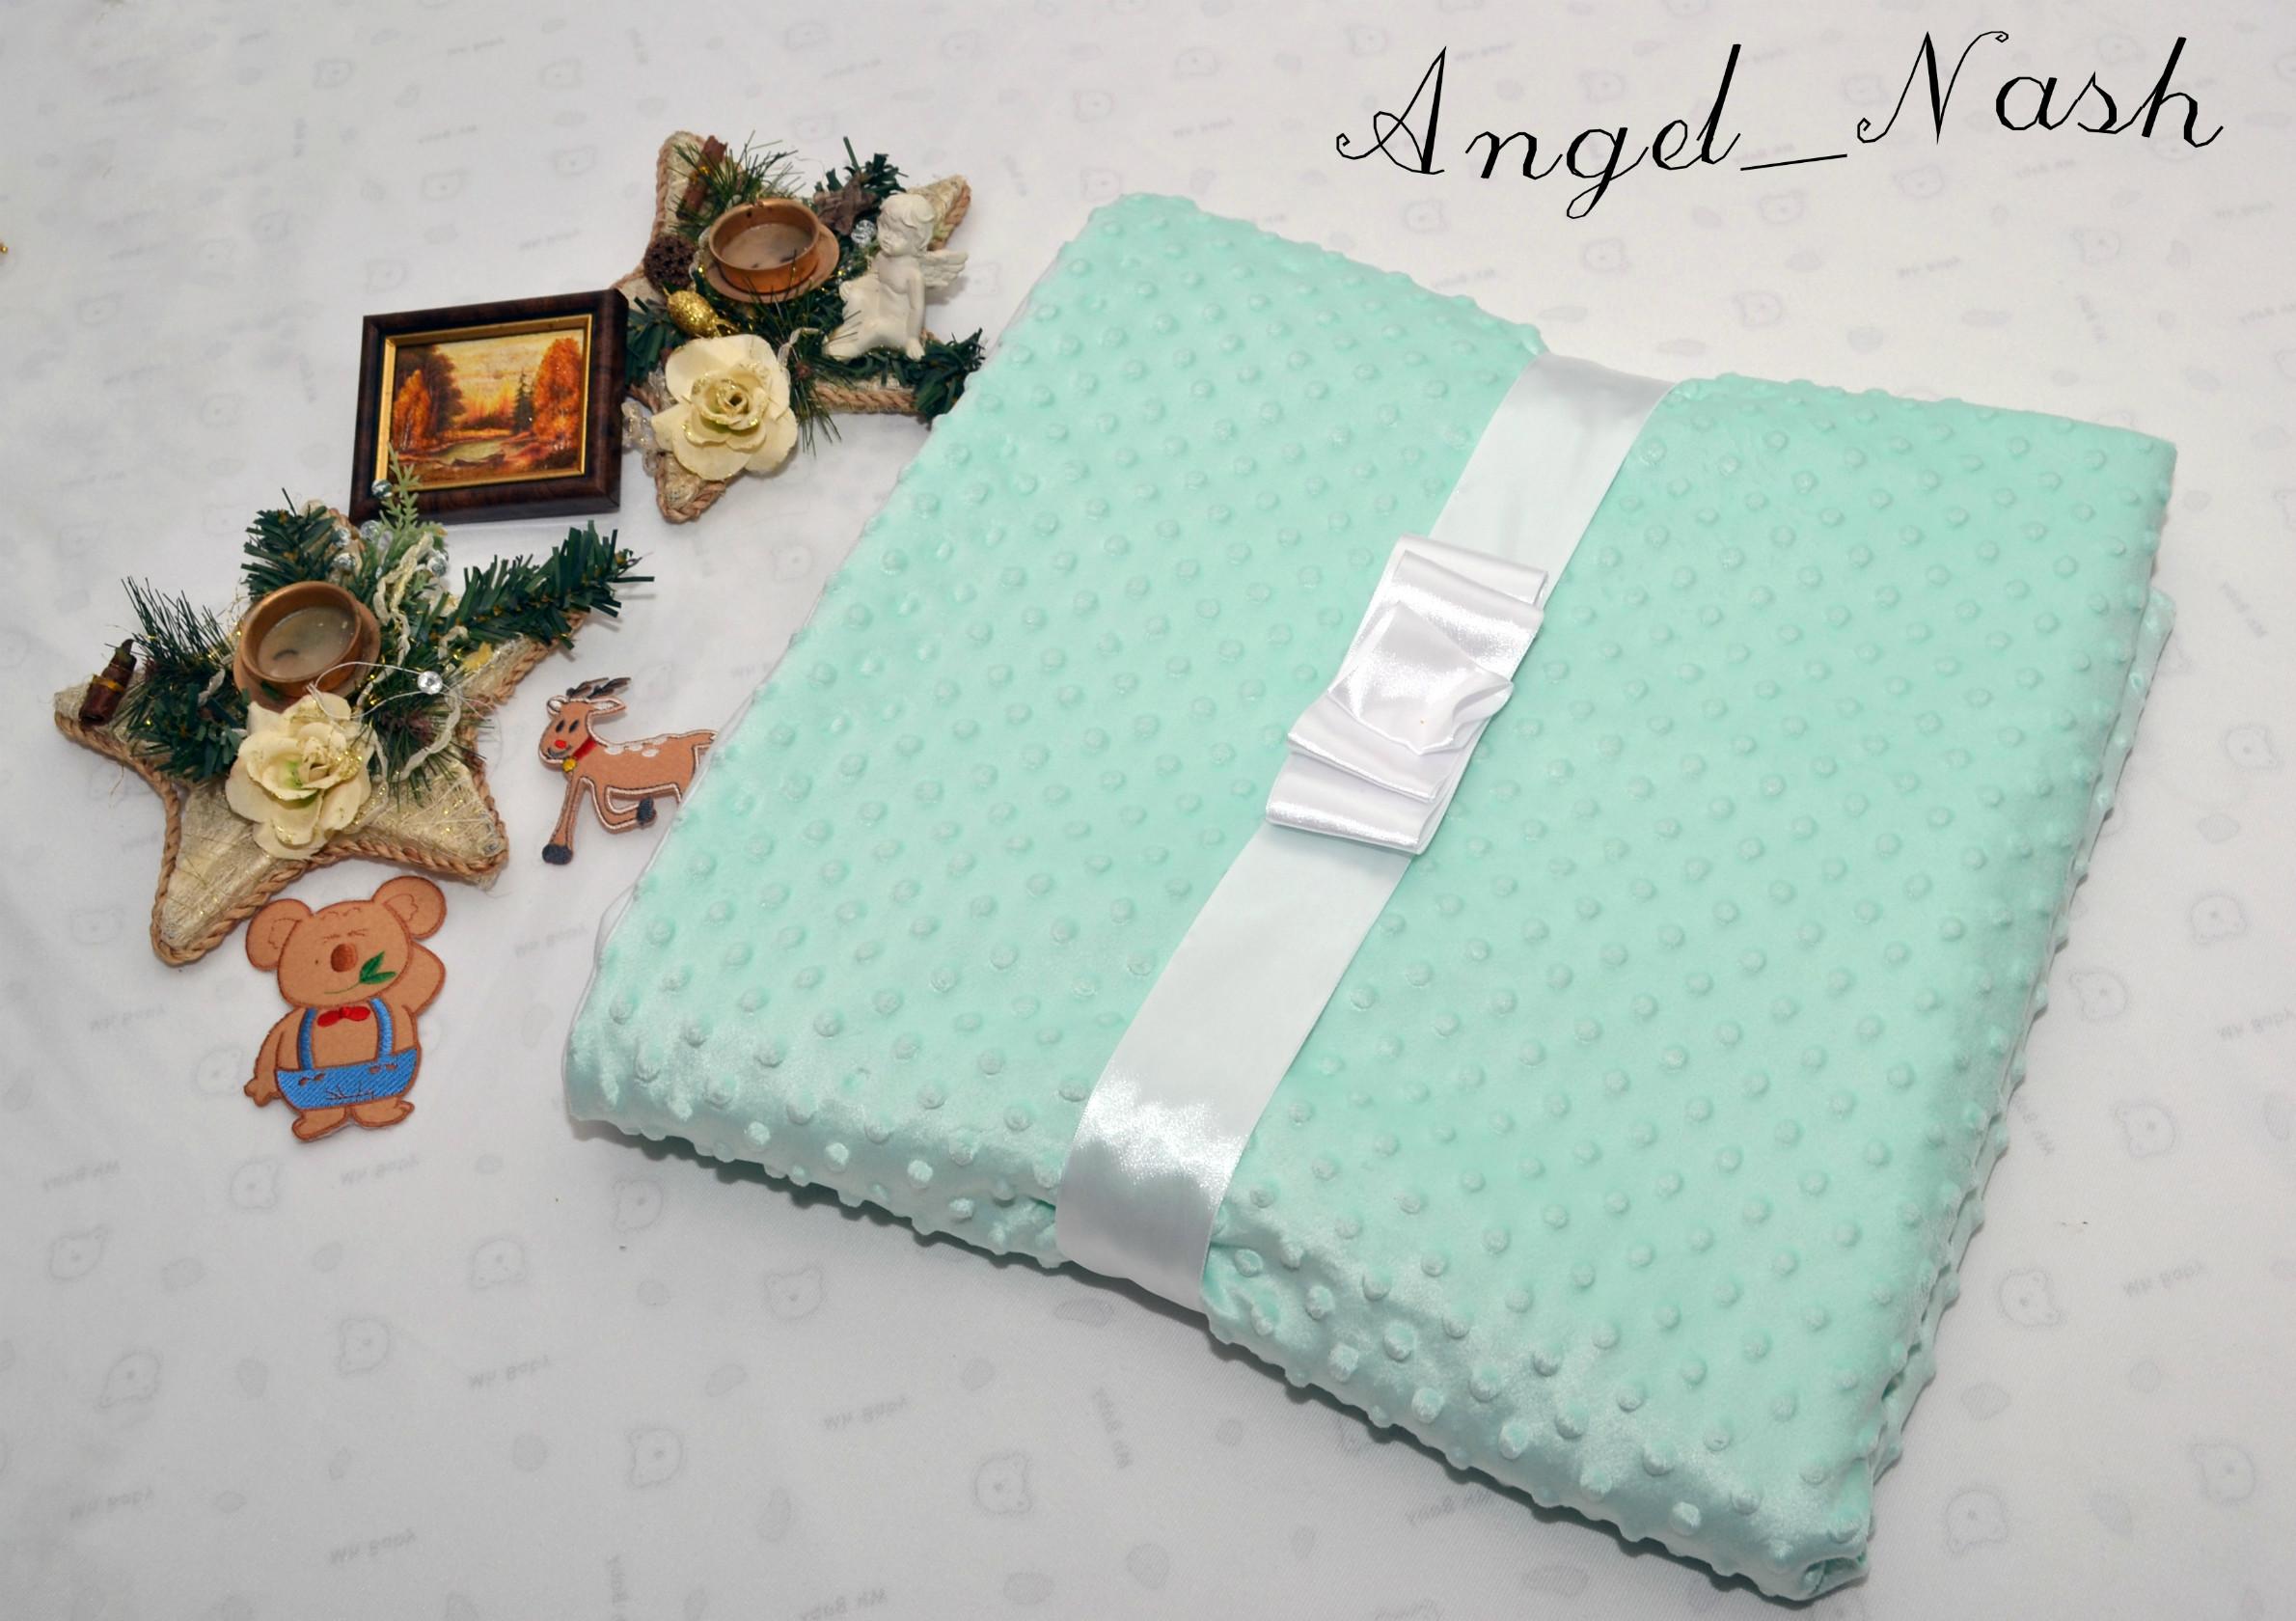 спальные конверты Конверты и спальные мешки Ангел наш Ангел Наш салатовое